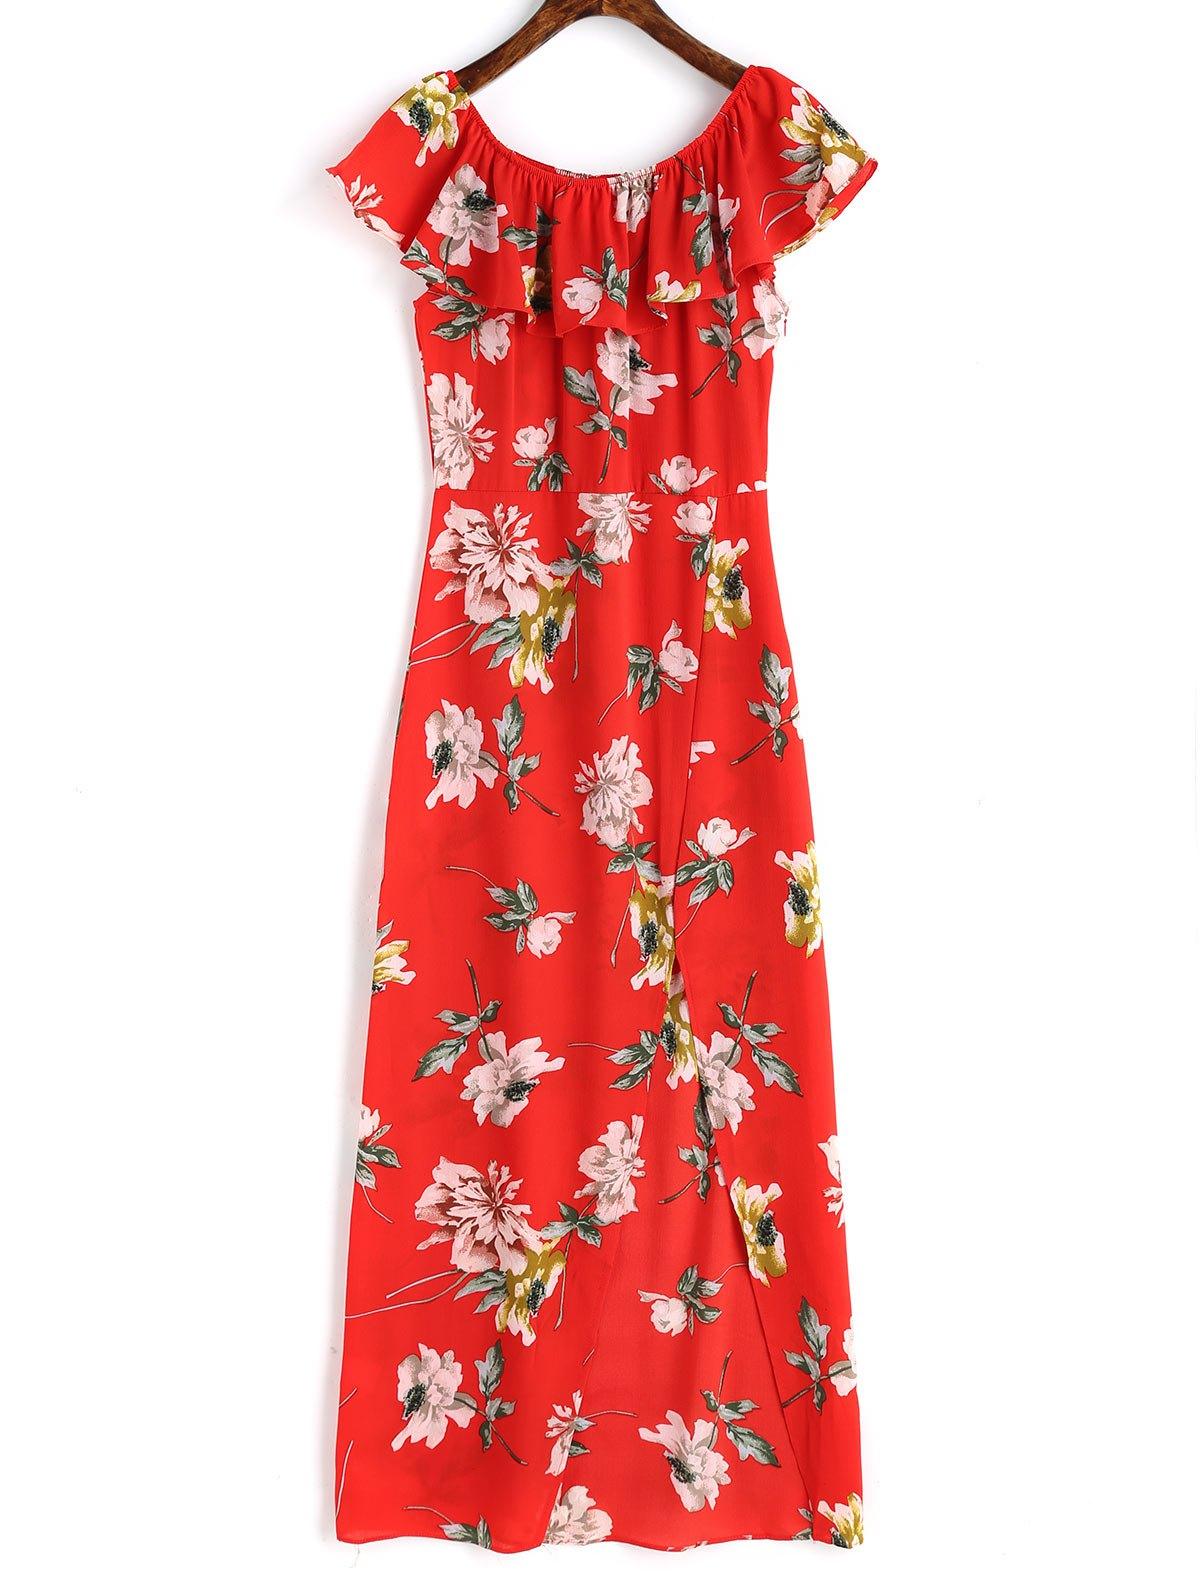 Off Shoulder Side Slit Floral Maxi Dress 246644801